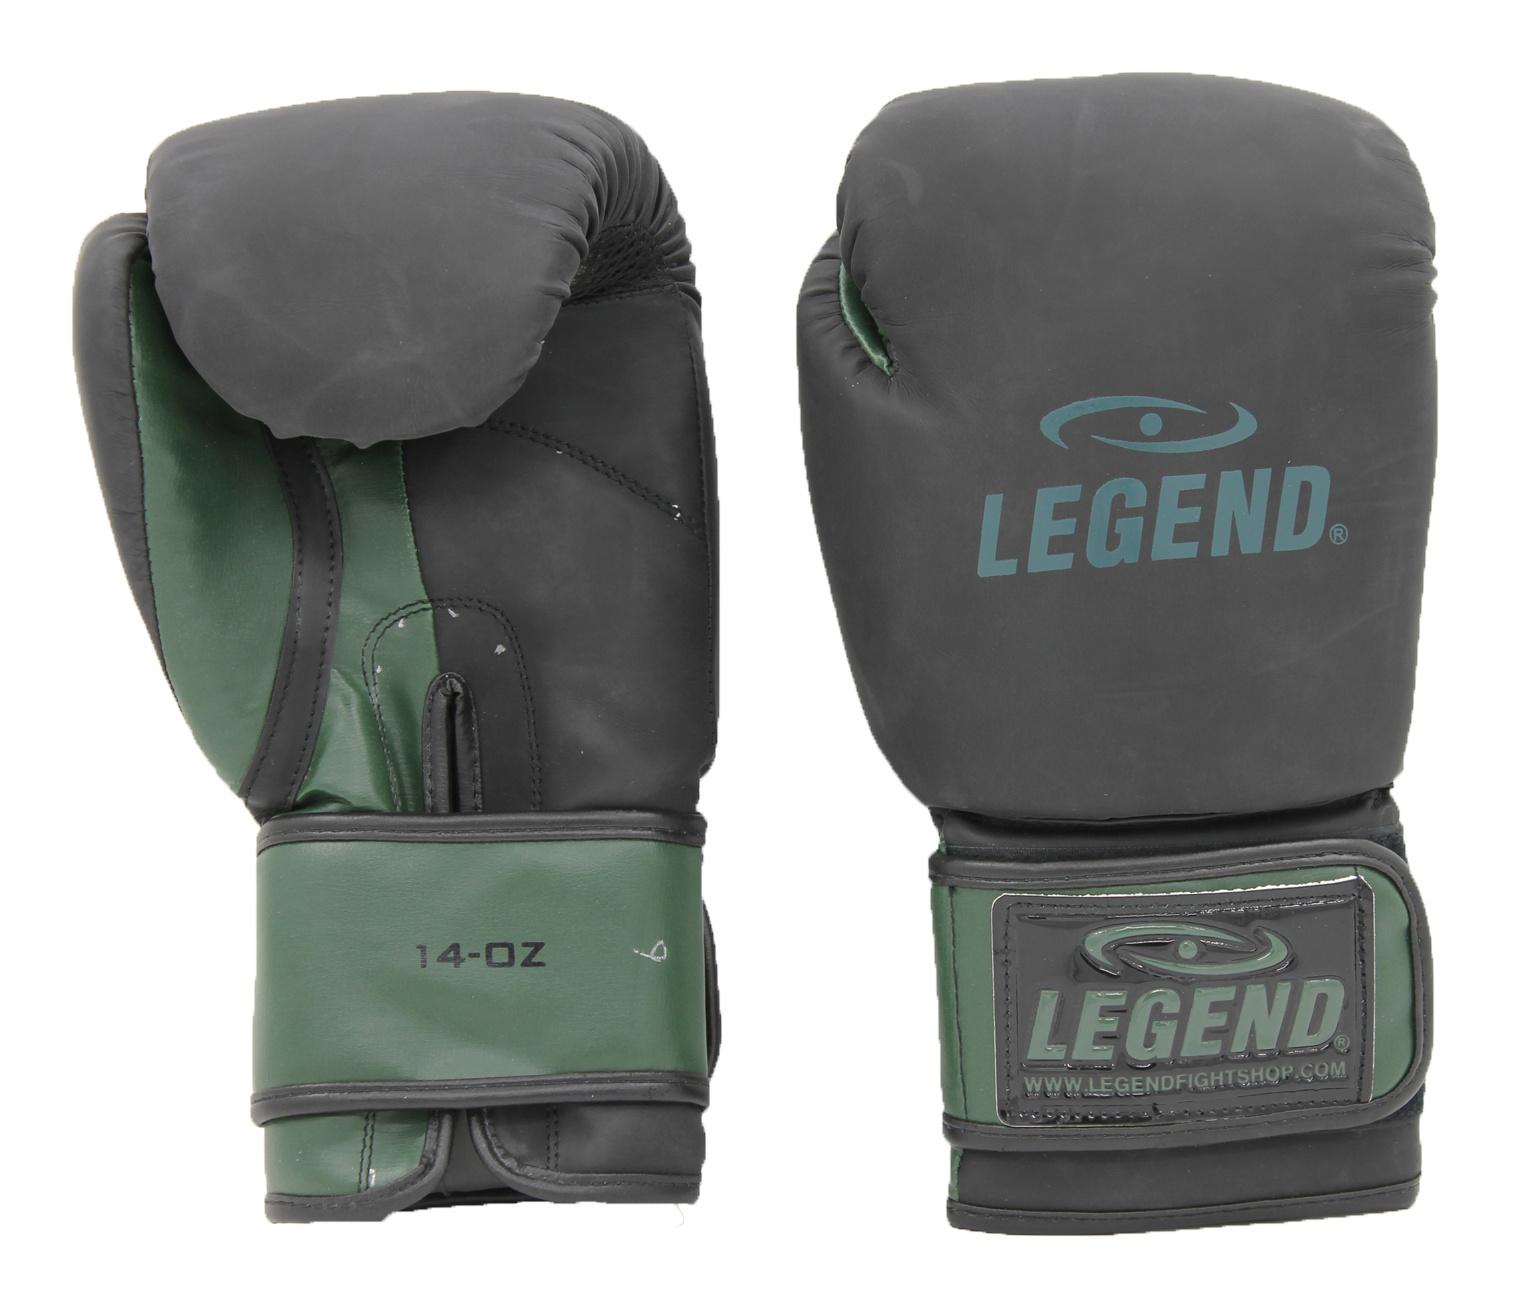 Bokshandschoenen LegendDry & Protect Mat zwart/Army